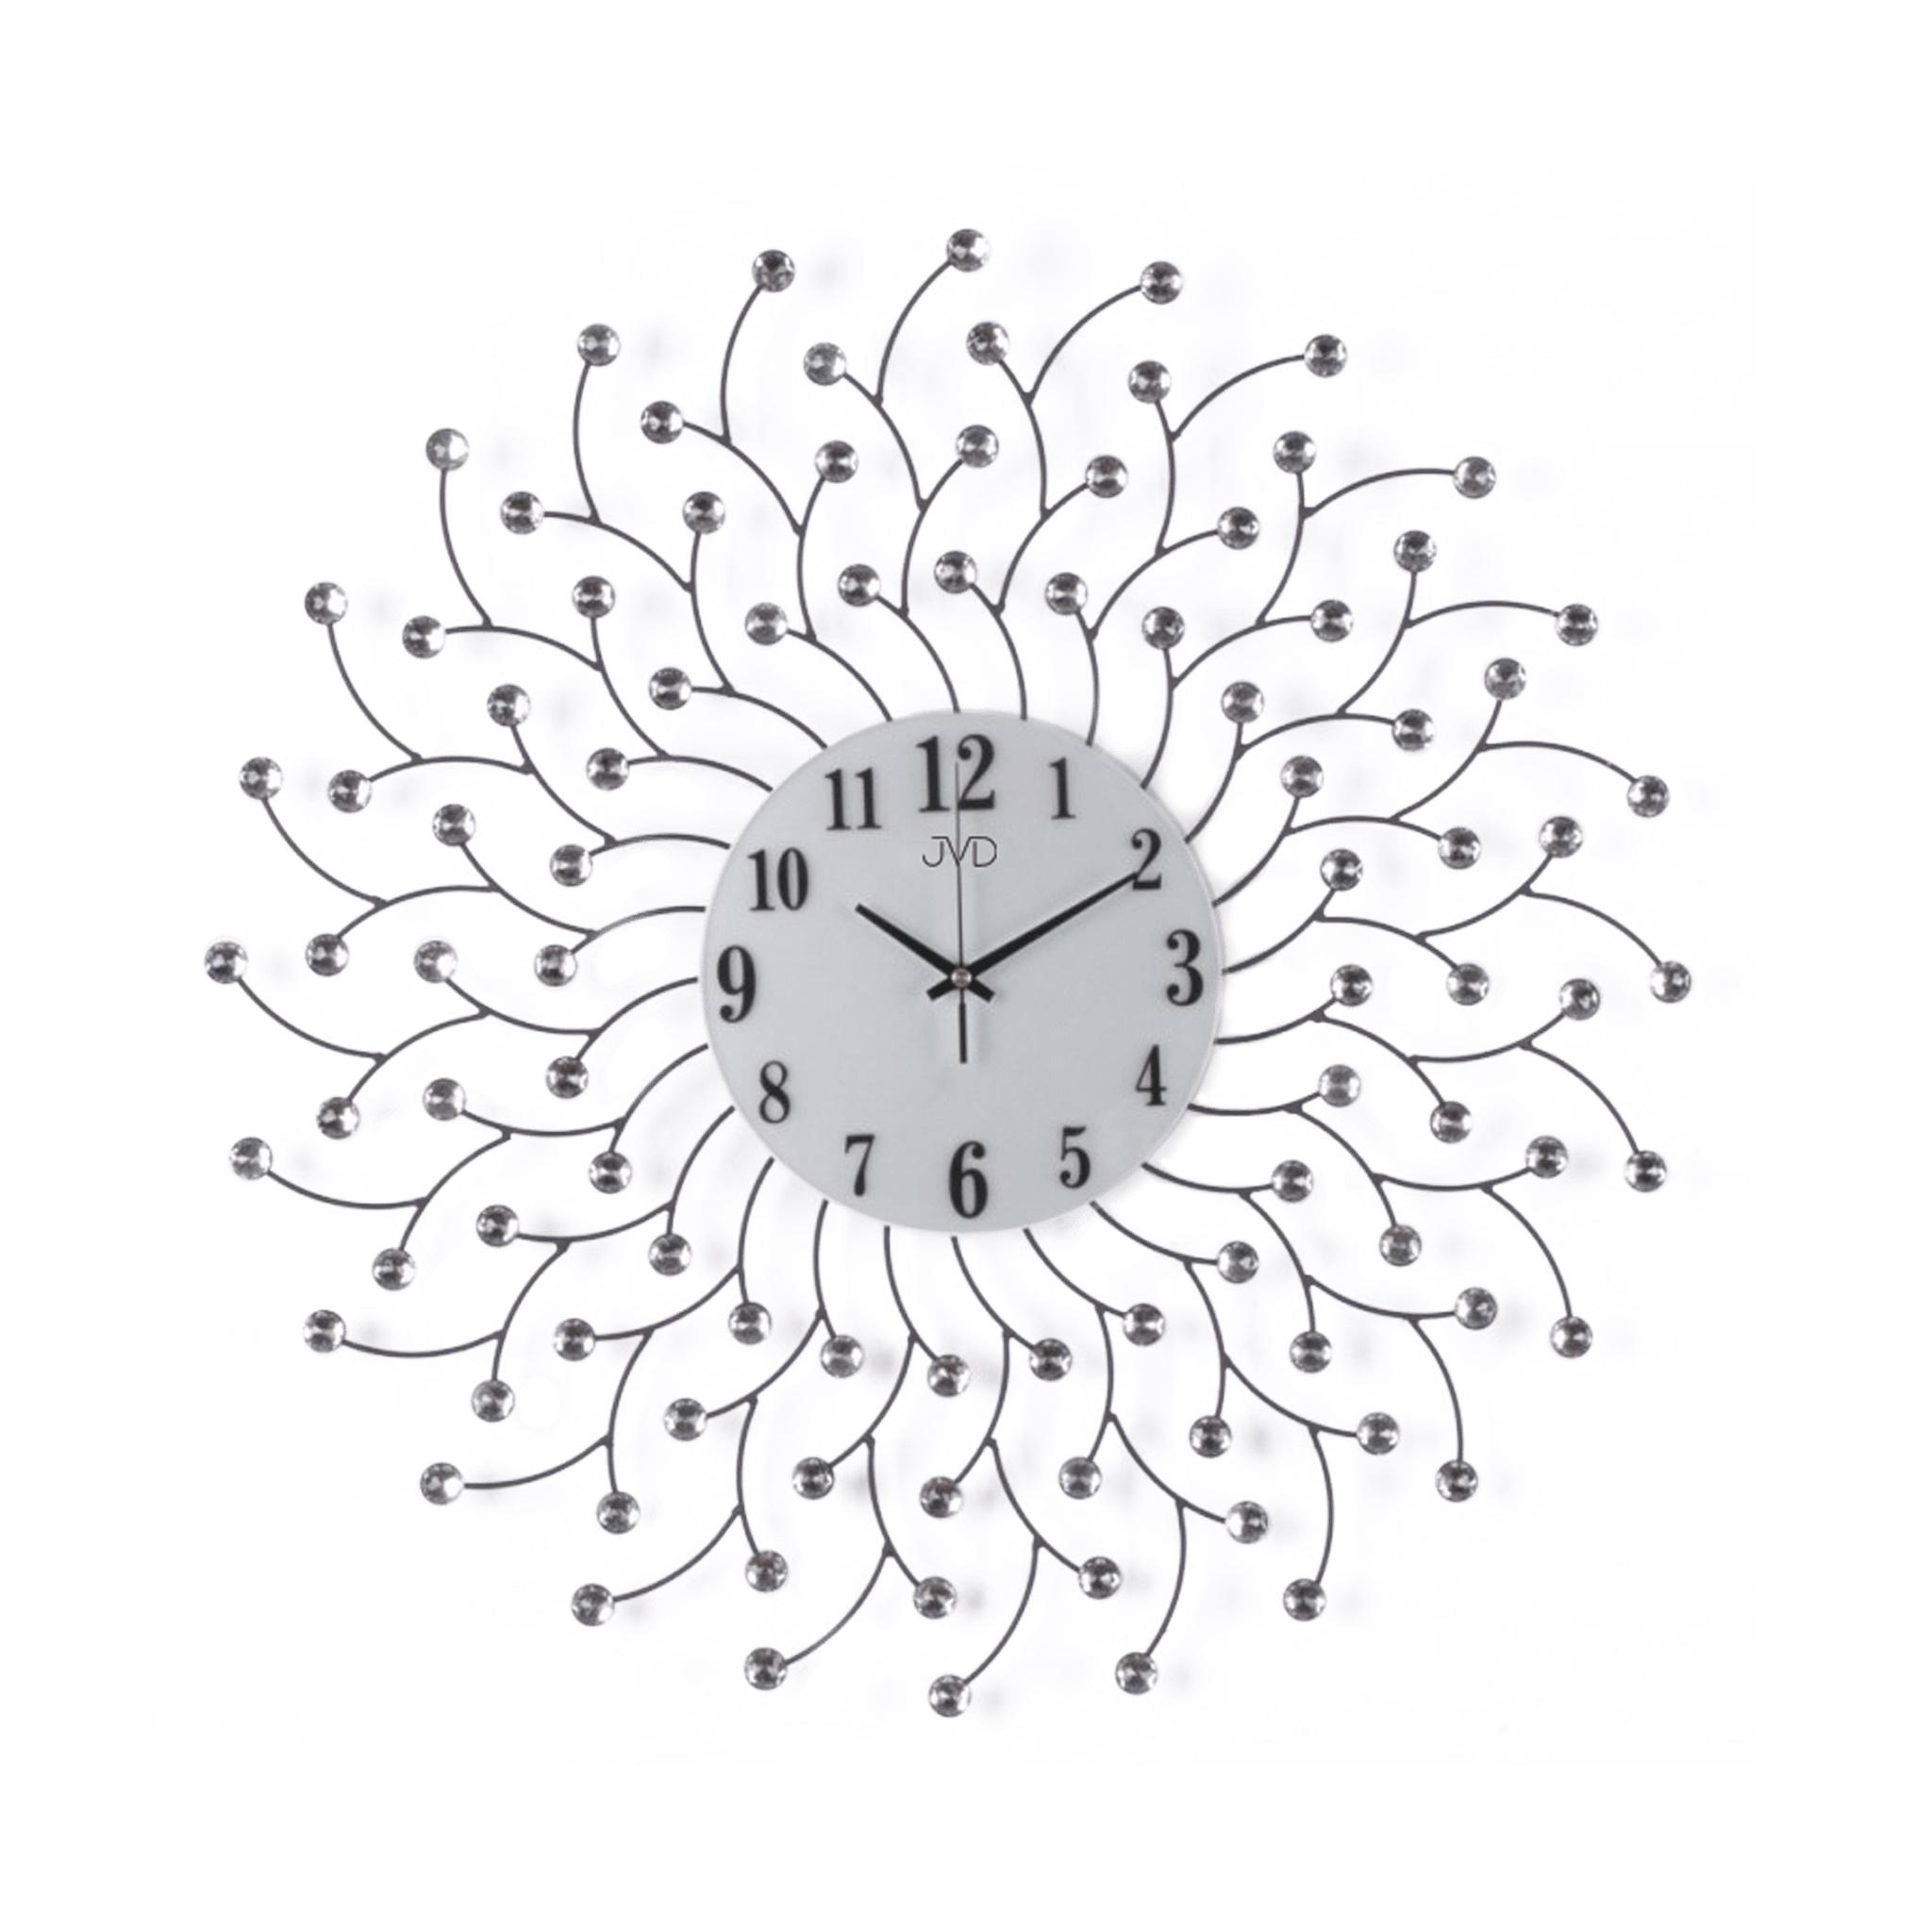 Paprskovité kovové skleněné sluníčkové designové hodiny JVD HJ82 (POŠTOVNÉ ZDARMA!!)